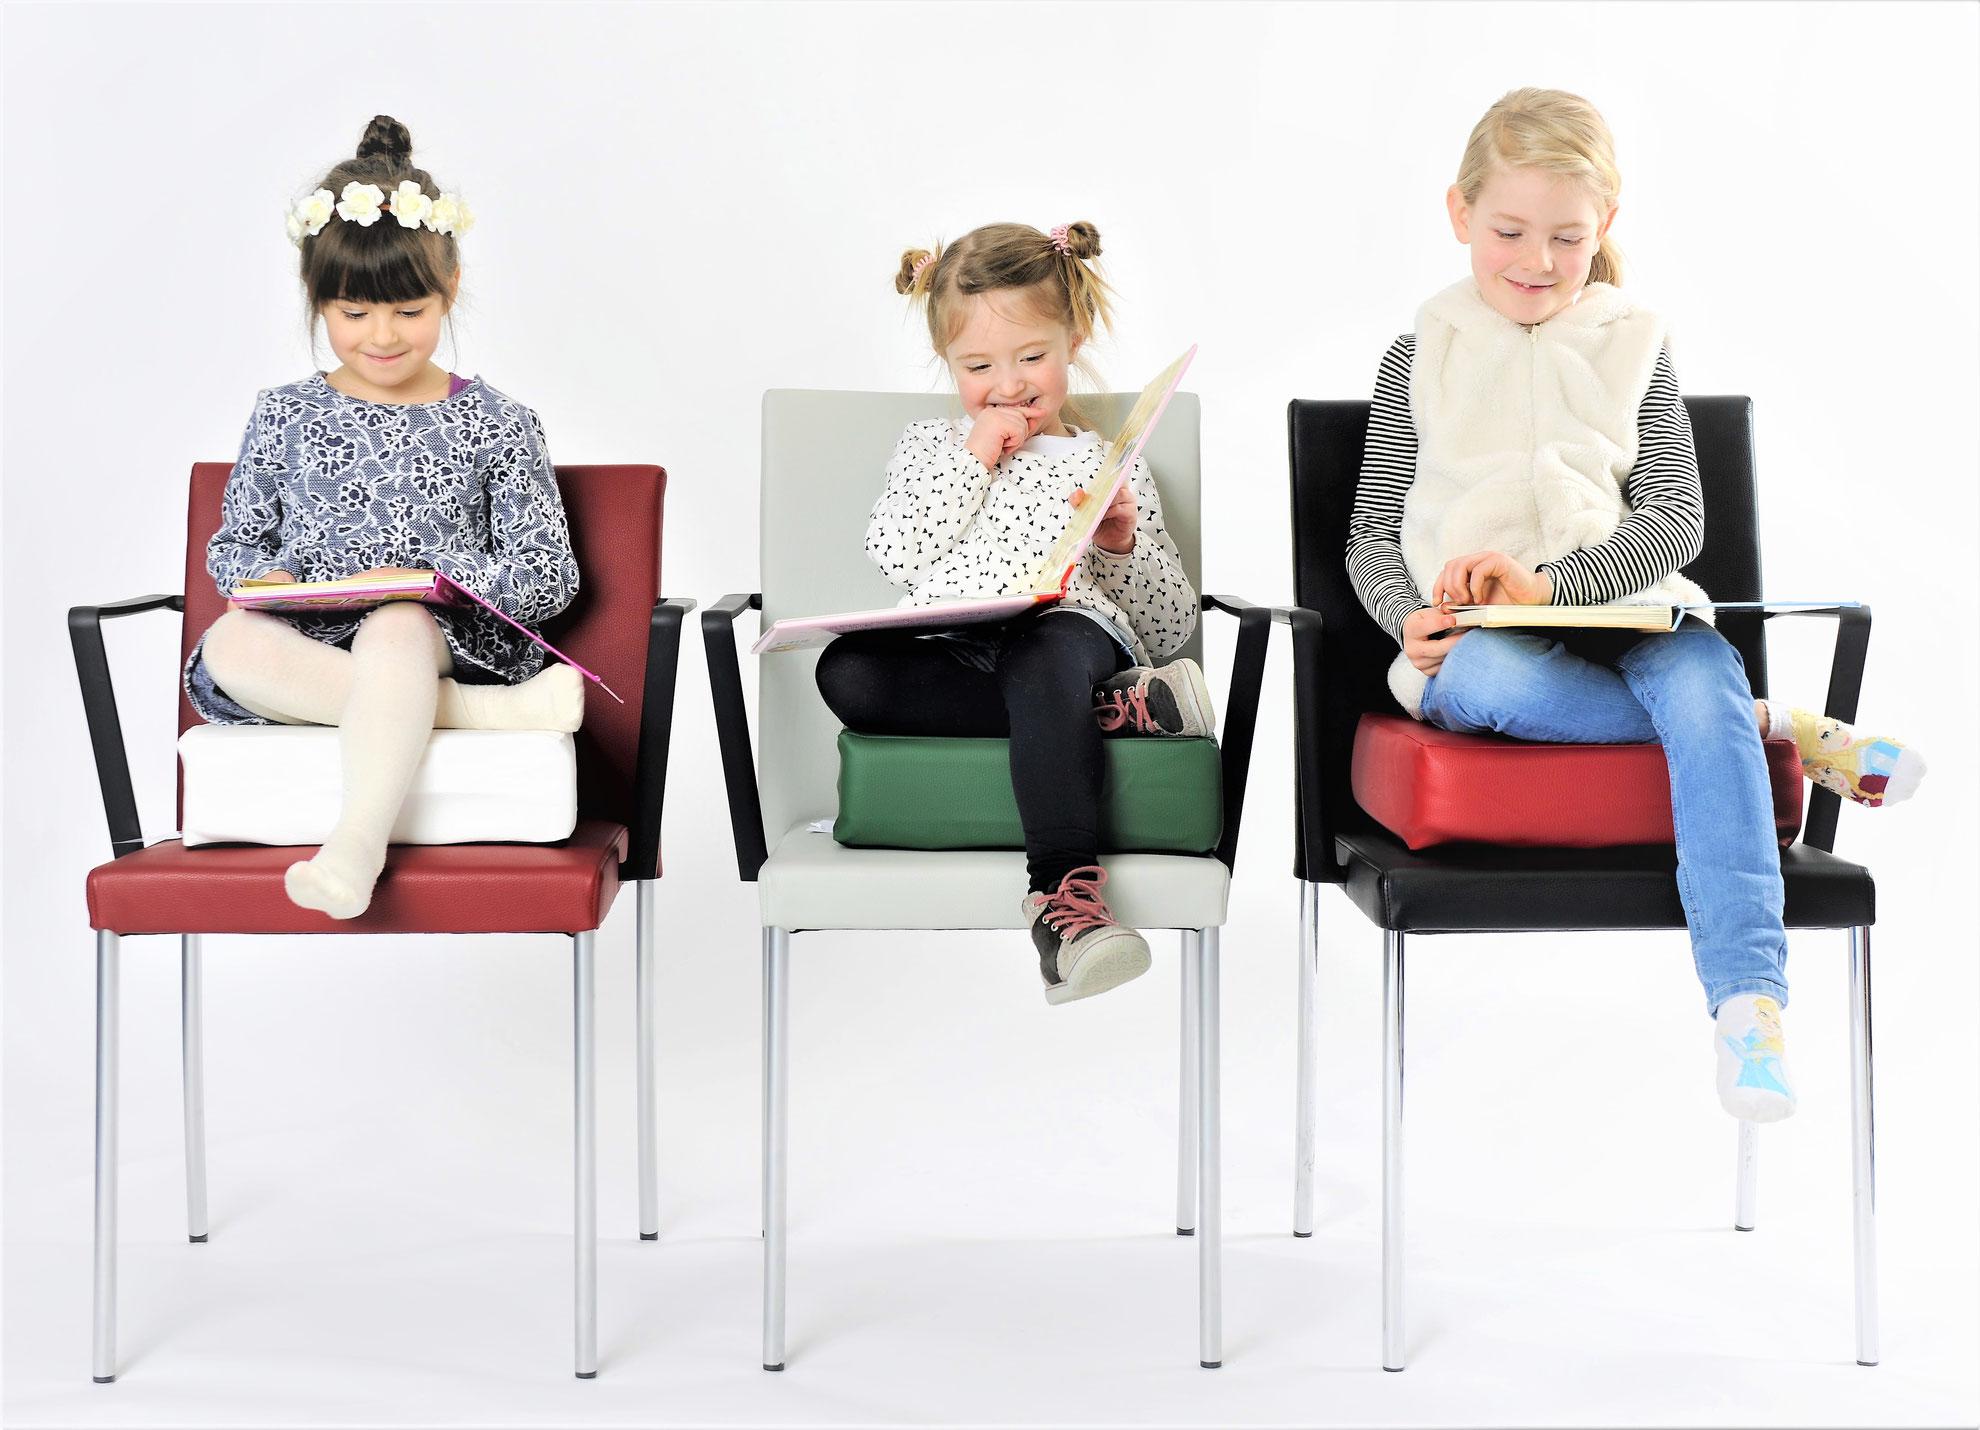 Sitzerhöhung Für Kinder.Speziell Für Kleinkinder Ab 2 Jahren Barfuss